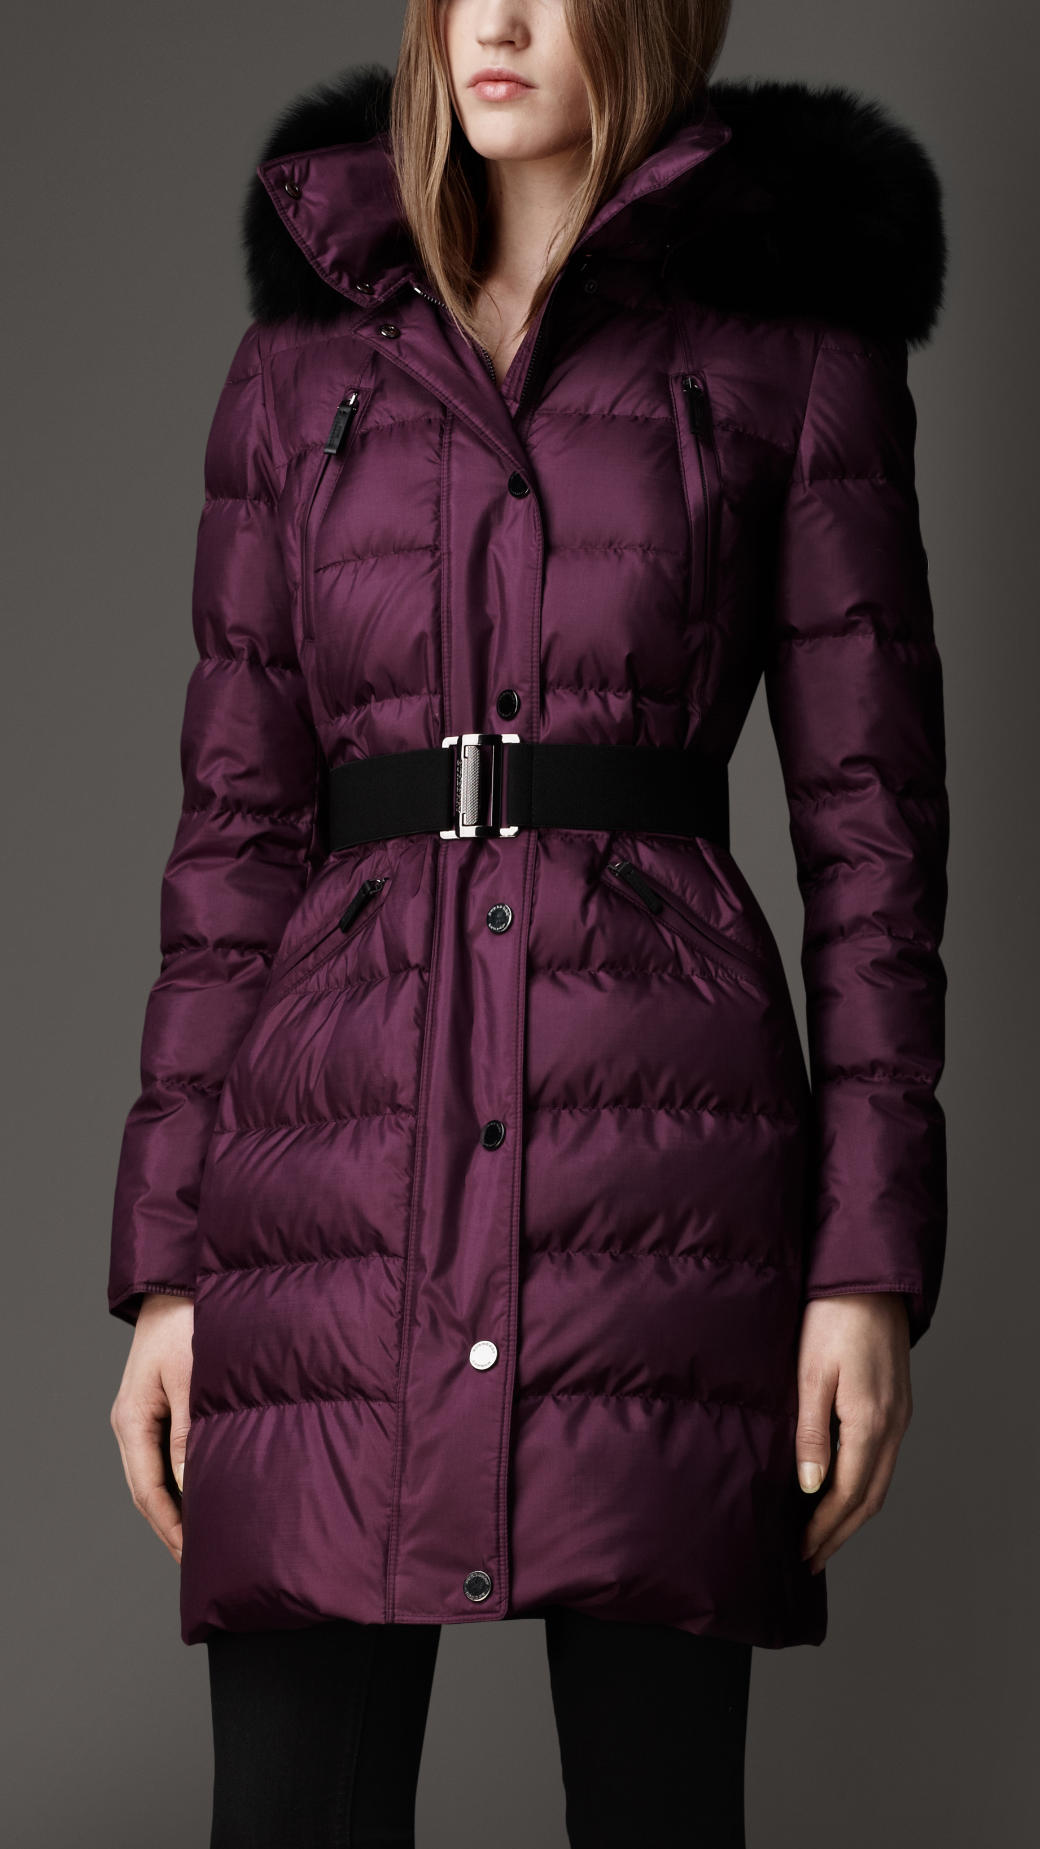 Burberry Fur Trim Puffer Coat In Purple Plum Lyst